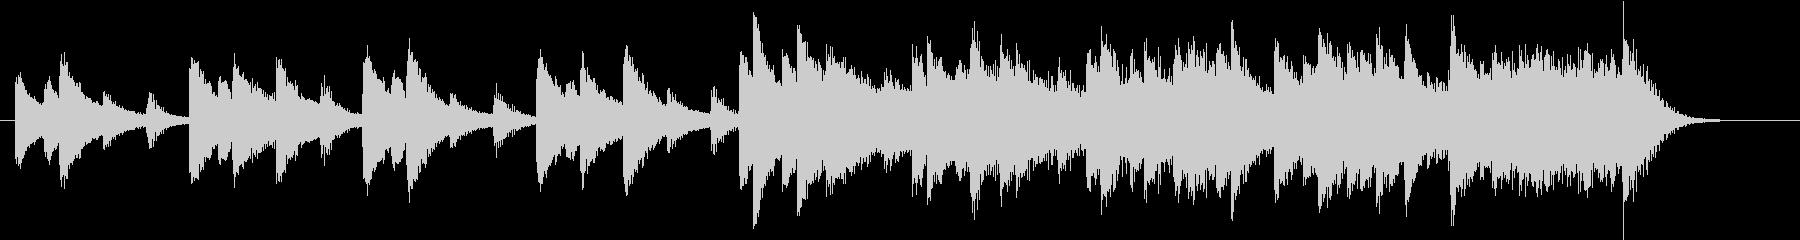 ウインターワンダーランドピアノジングルCの未再生の波形